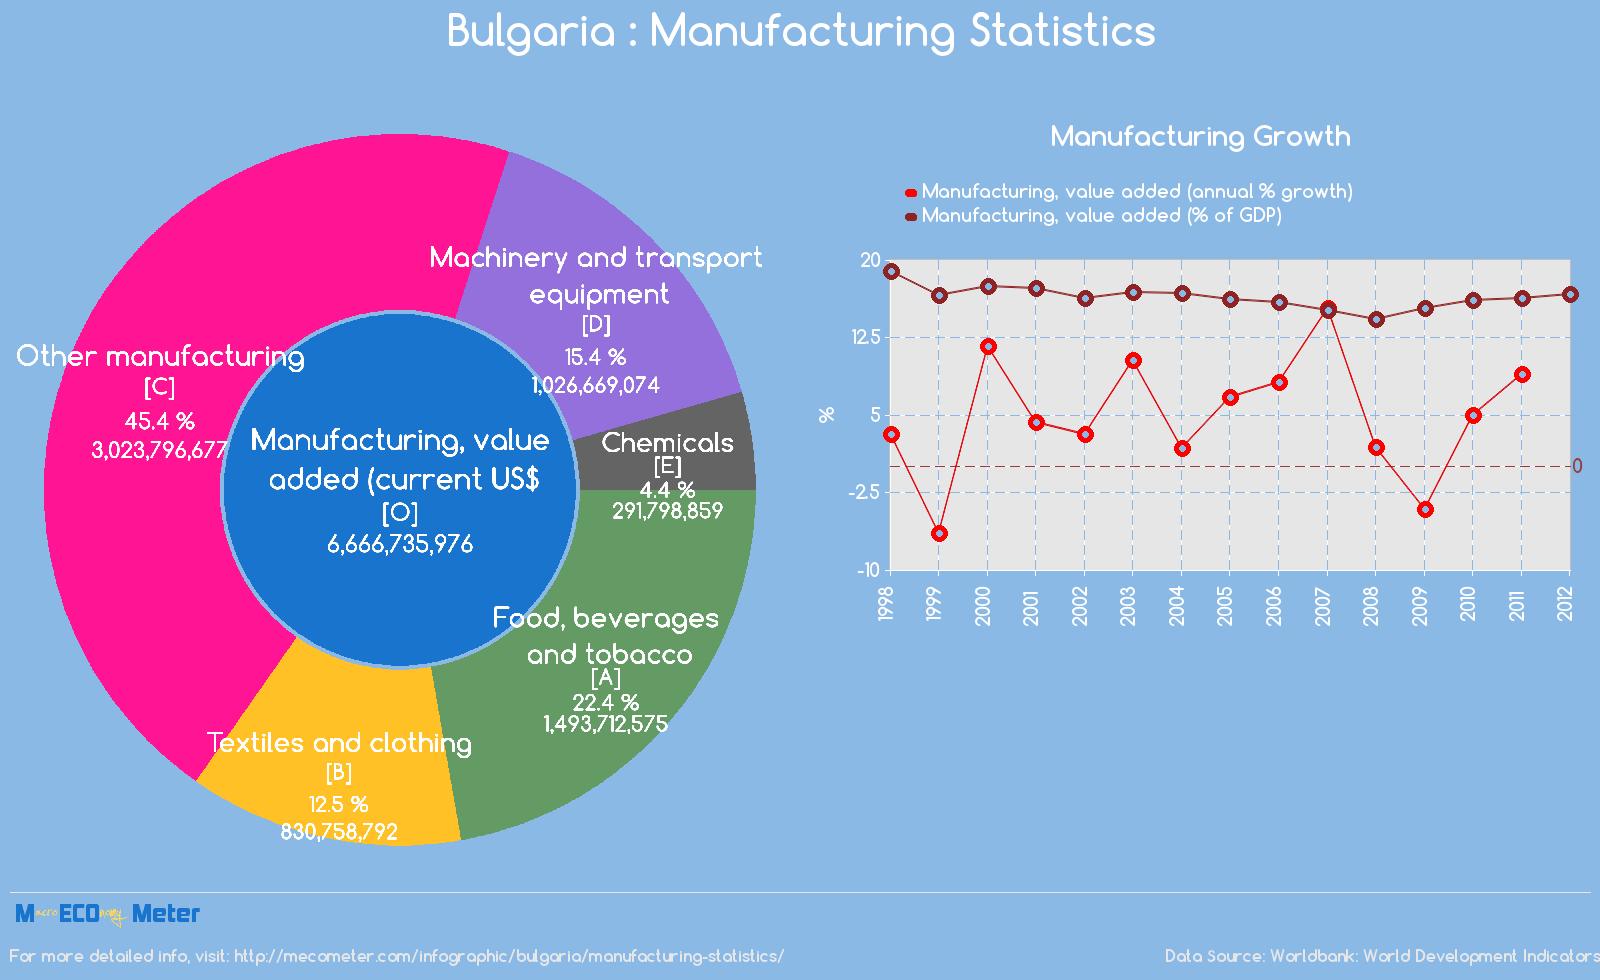 Bulgaria : Manufacturing Statistics